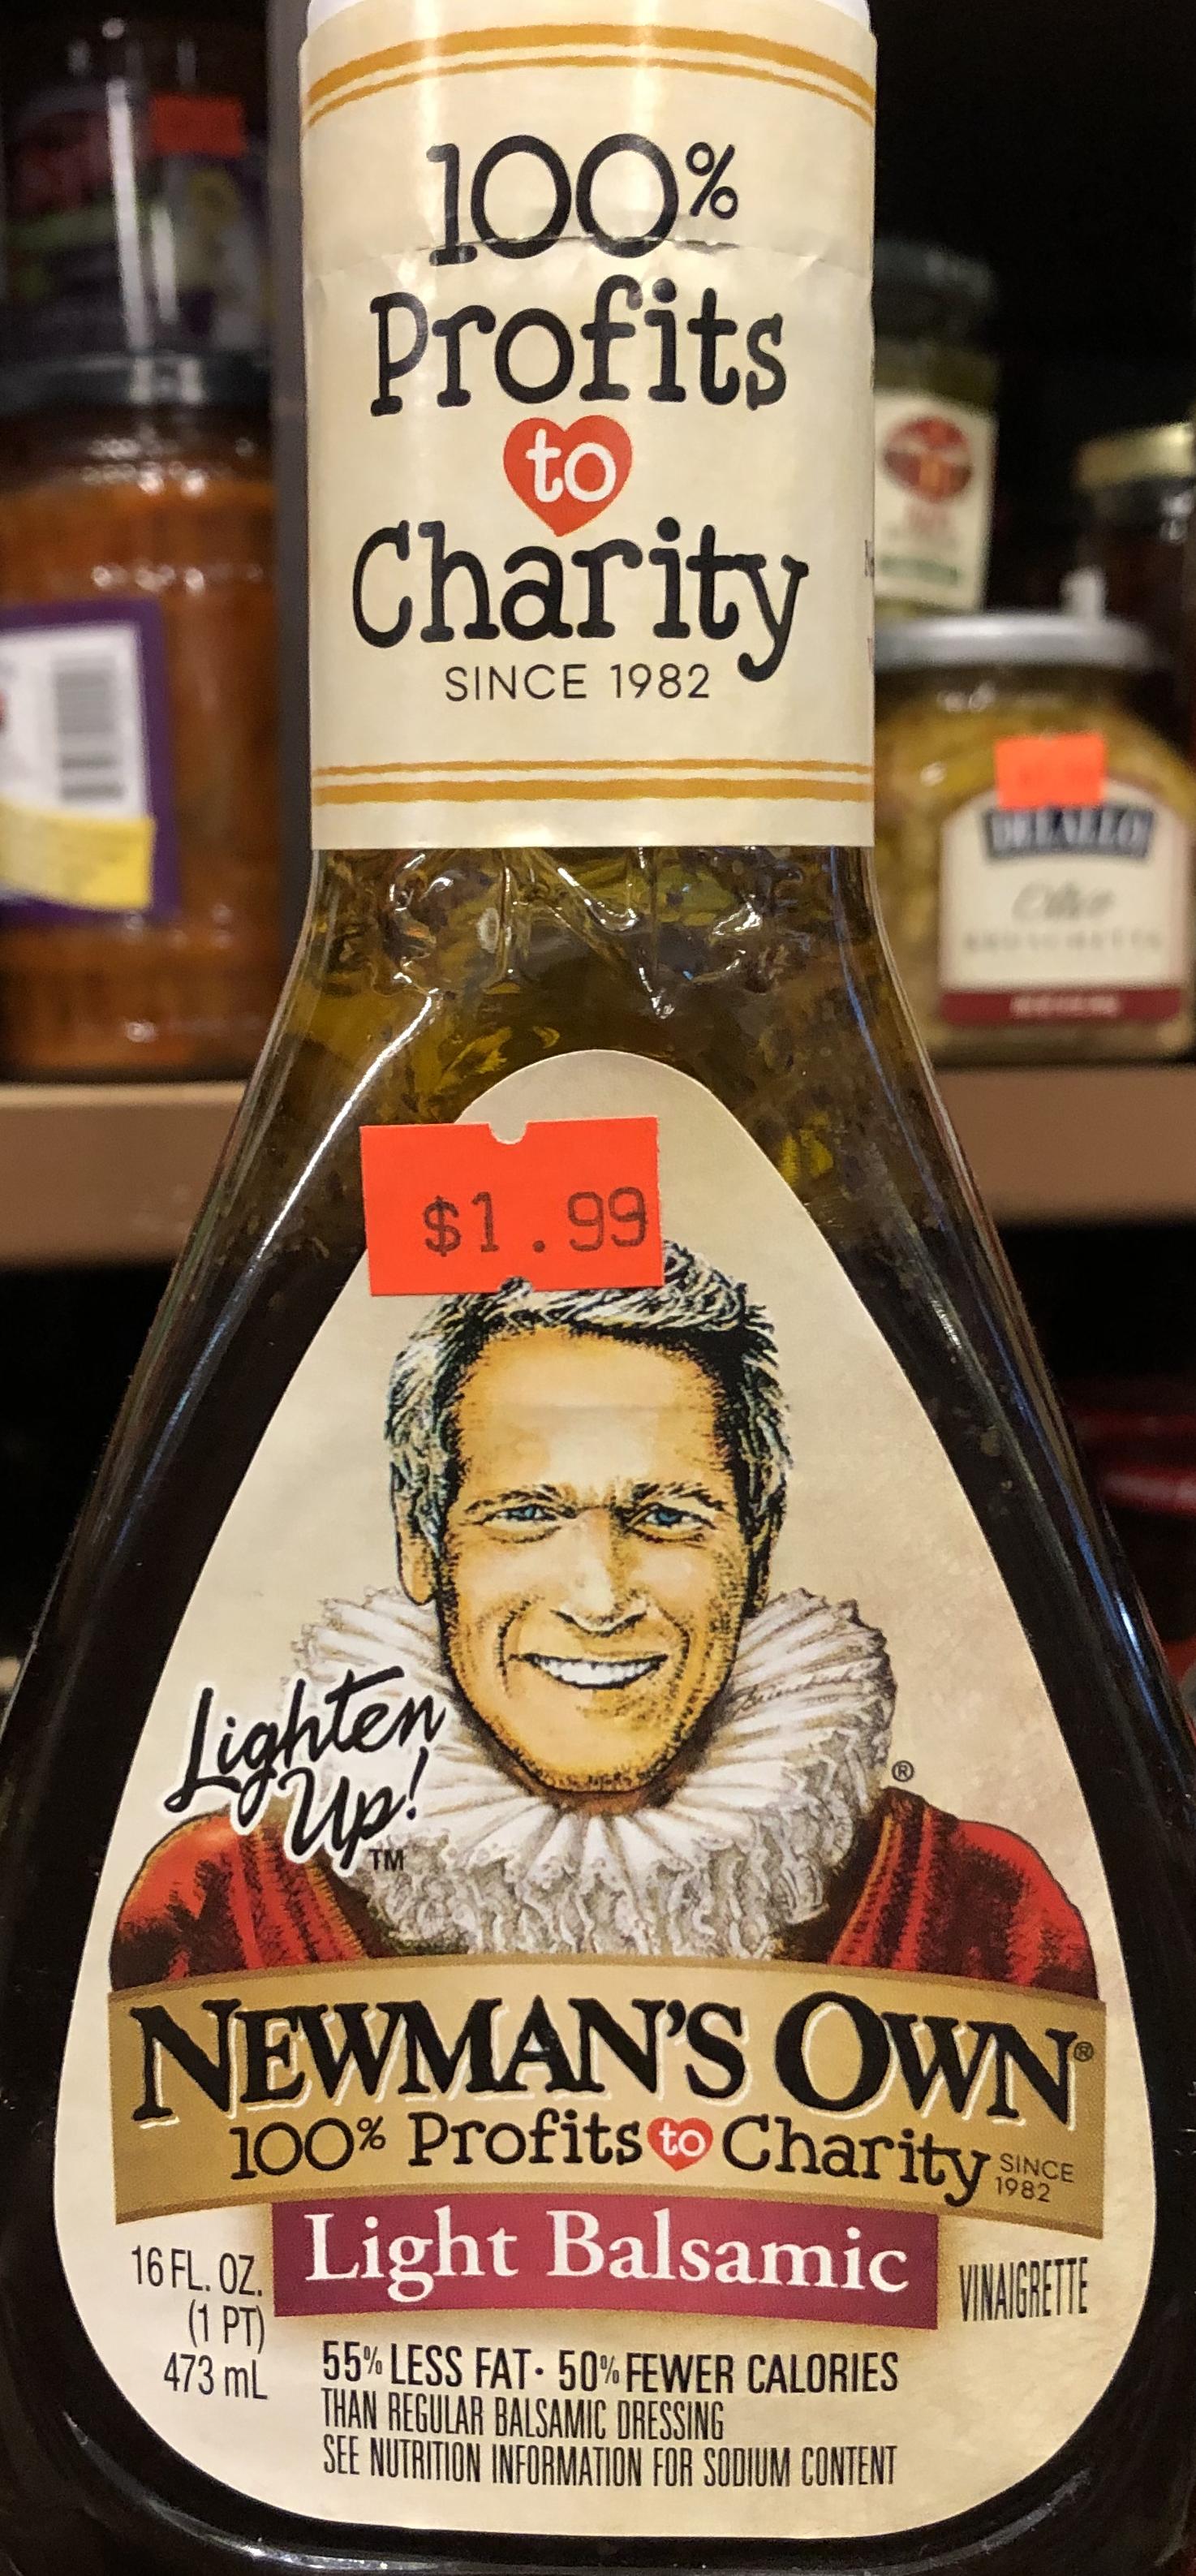 Newman's Own Light Balsamic Dressing